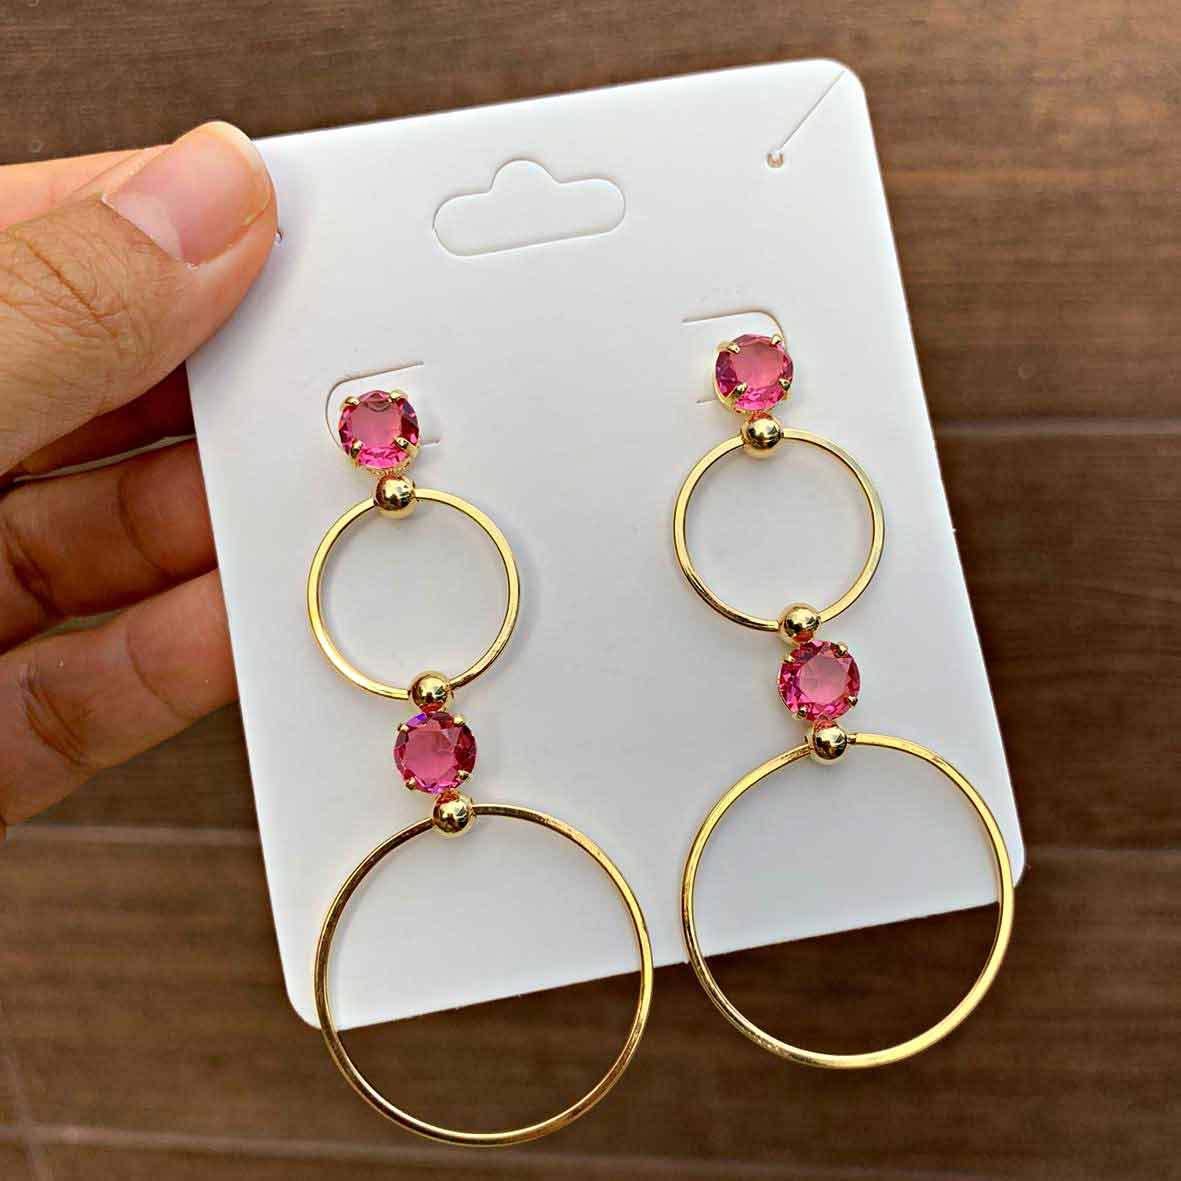 Brinco Semijoia Círculos Intercalados por Zircônias Rosa Claro Folheado a Ouro 18K